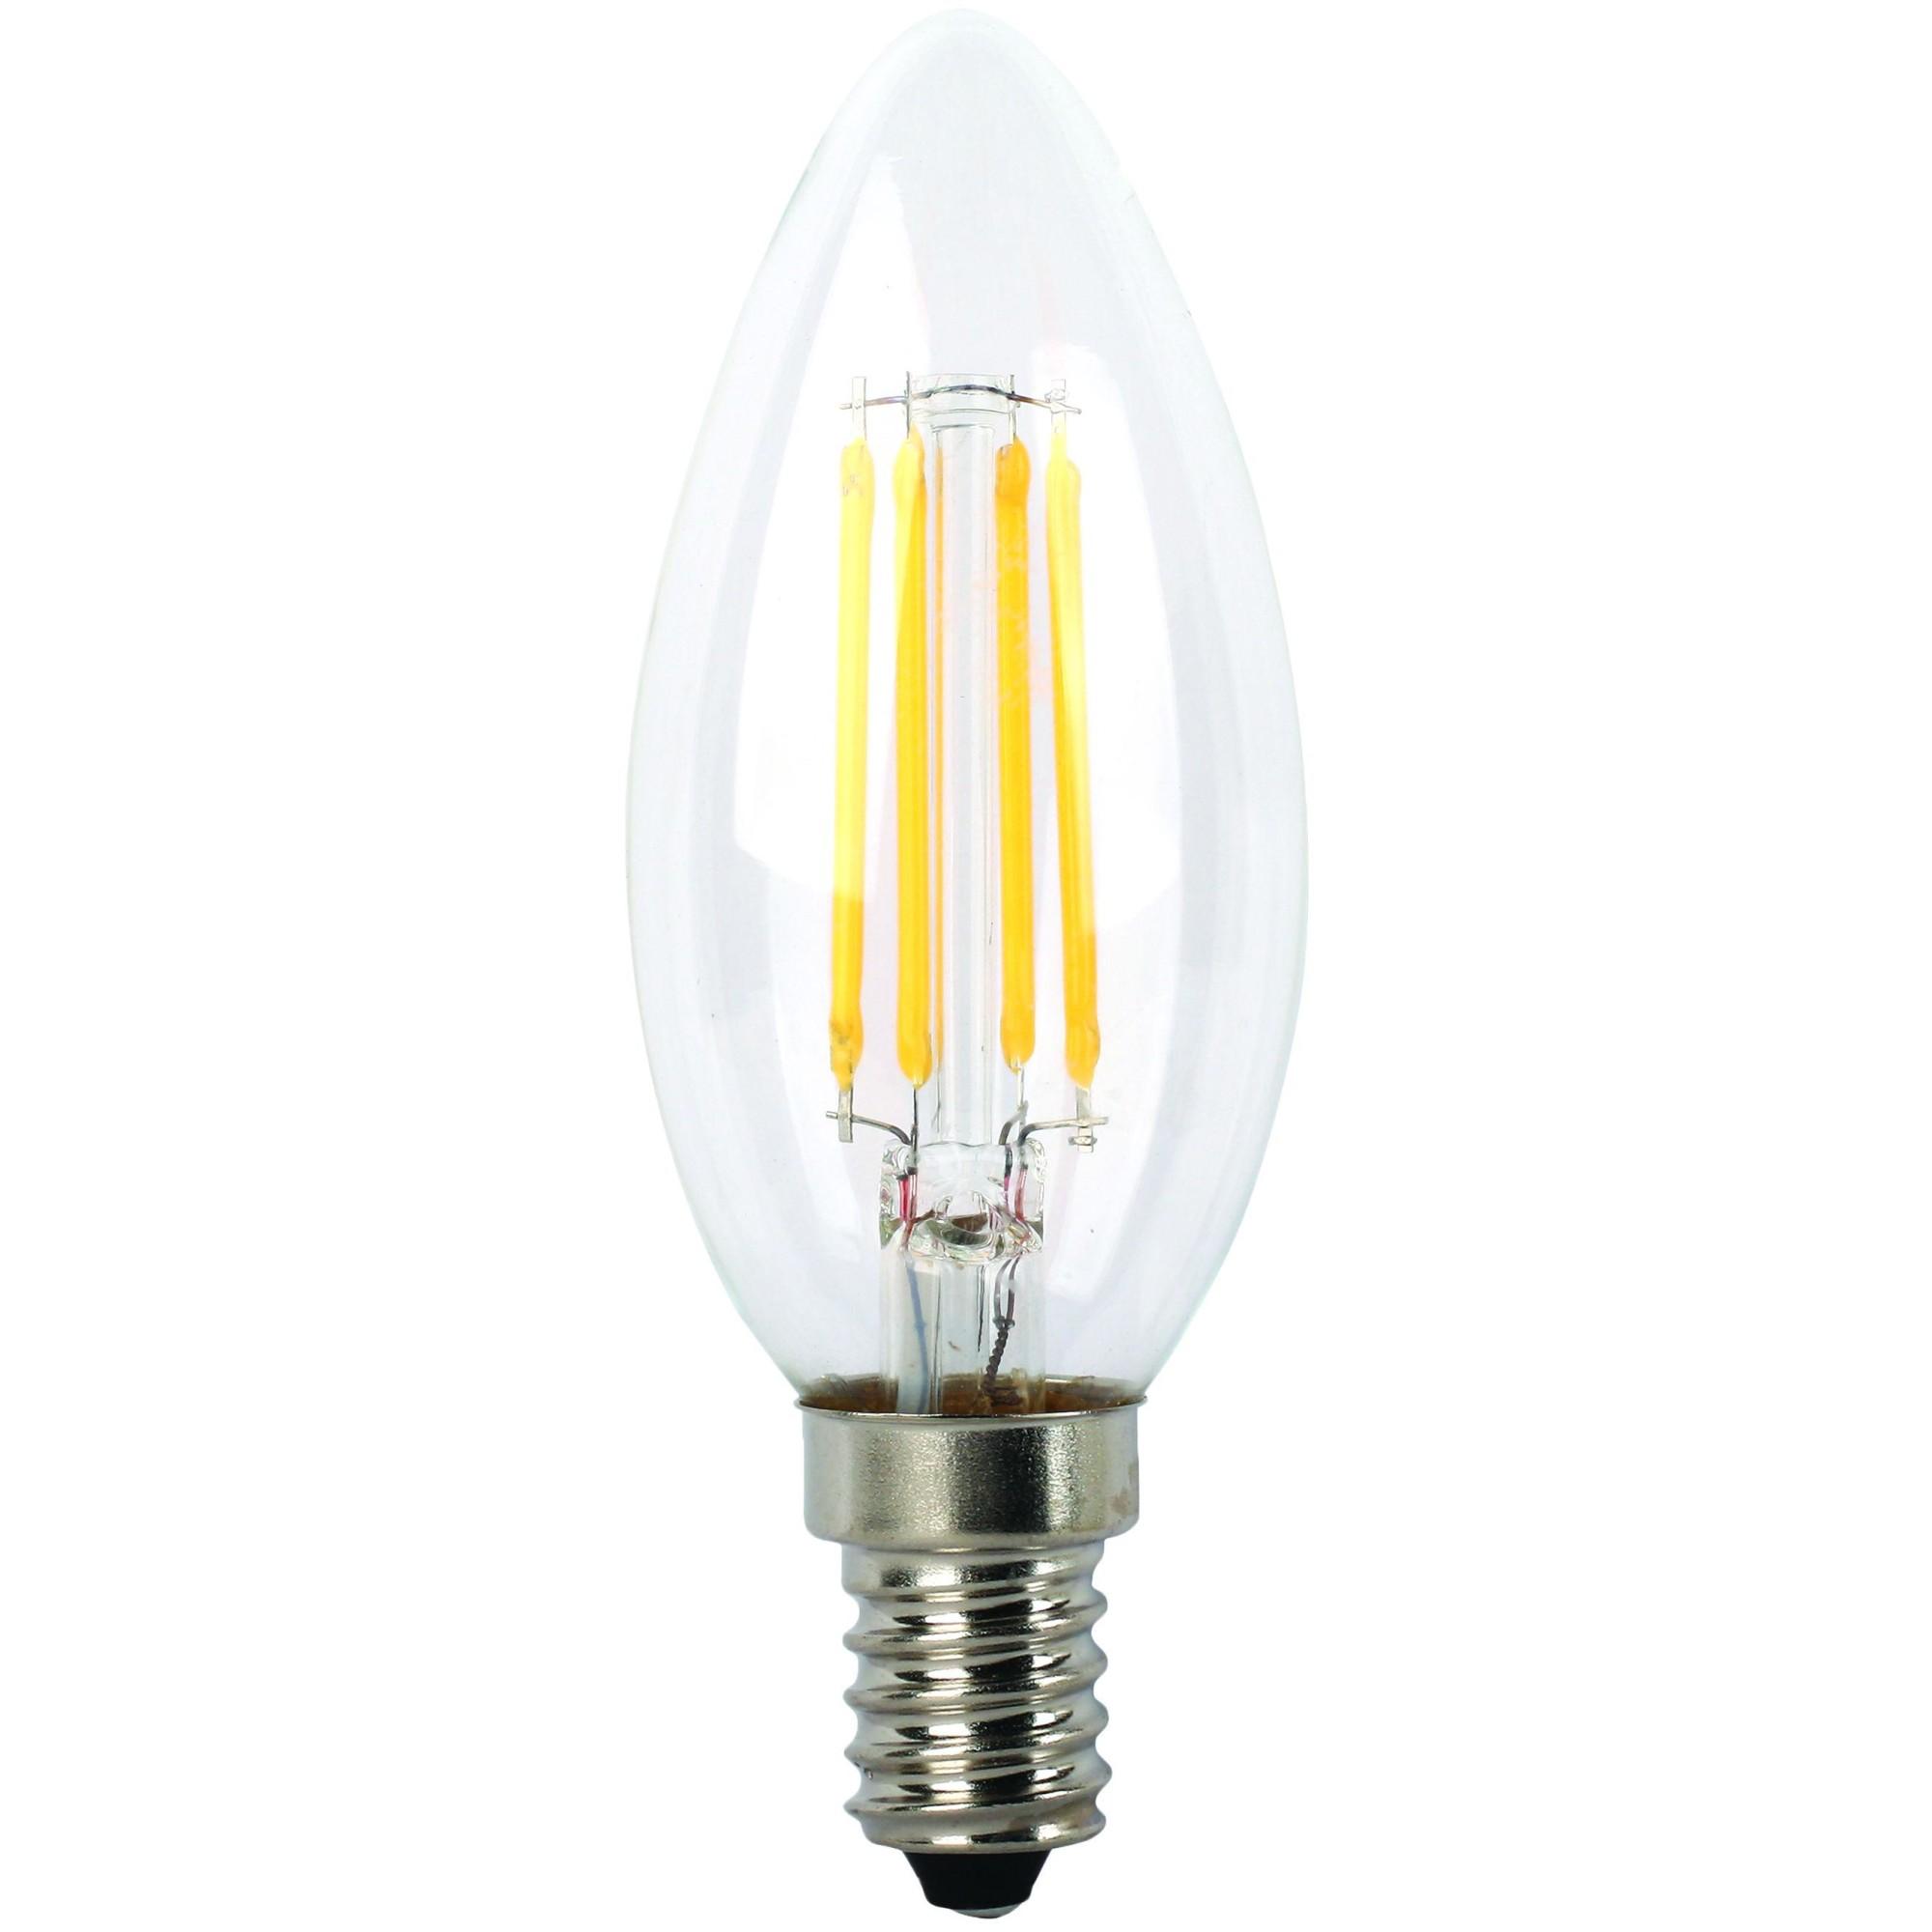 Лампа Ecola Premium светодионая E14 5 Вт свеча 500 Лм нейтральный свет